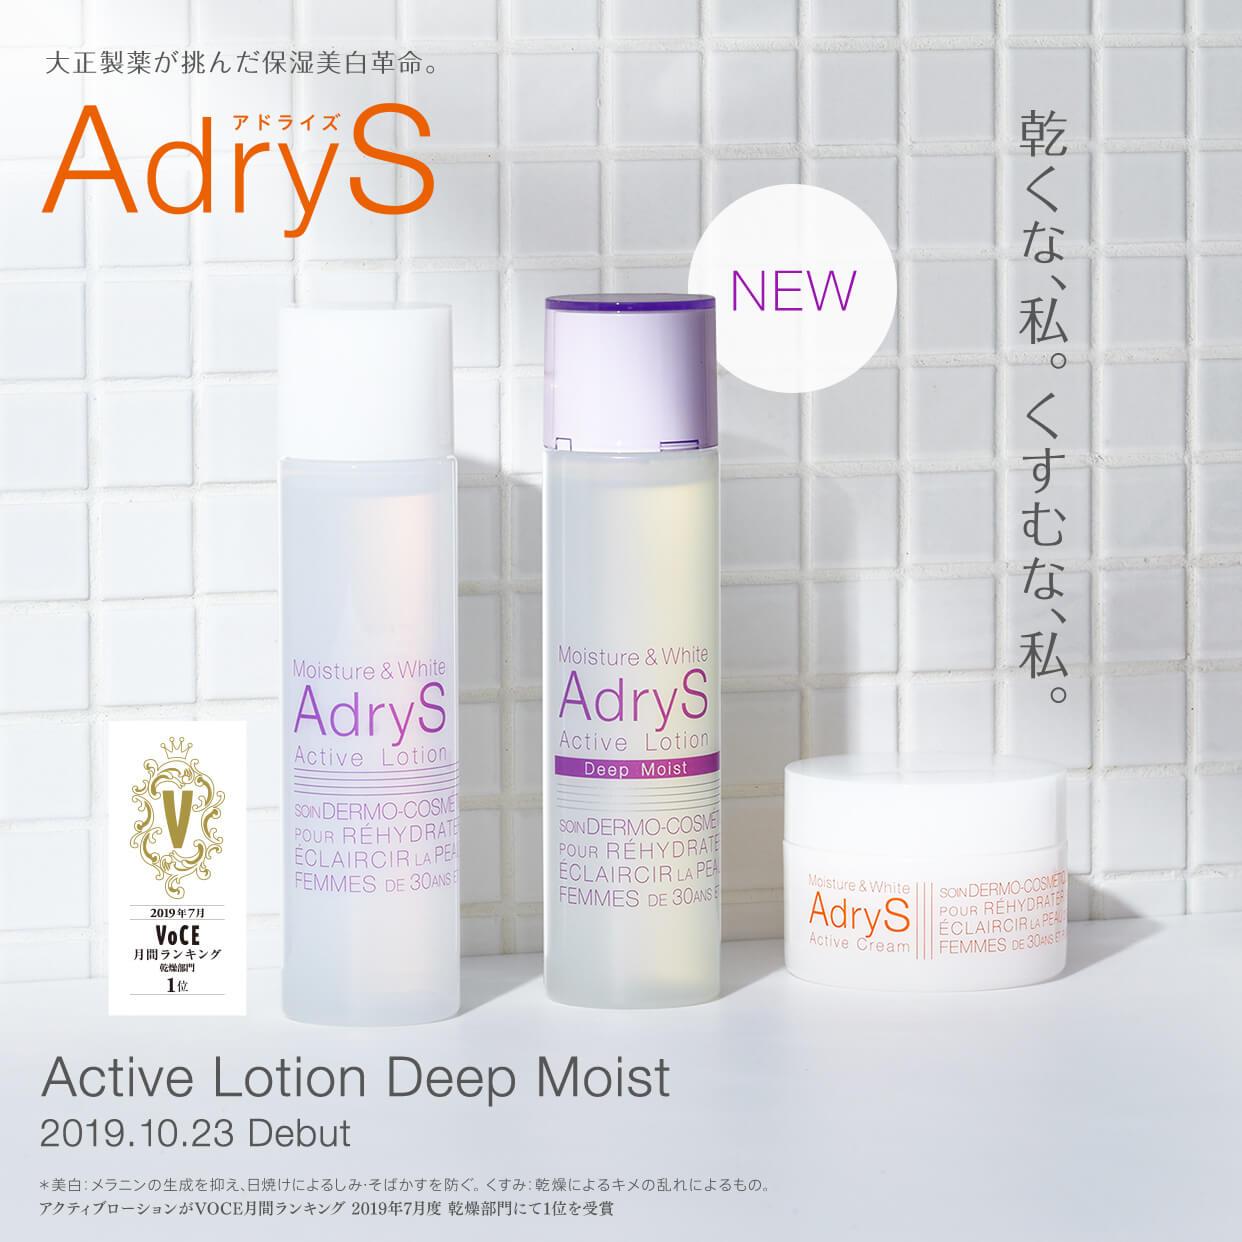 乾くな、私。くすむな、私。AdryS(アドライズ)Active Lotion Deep Moist